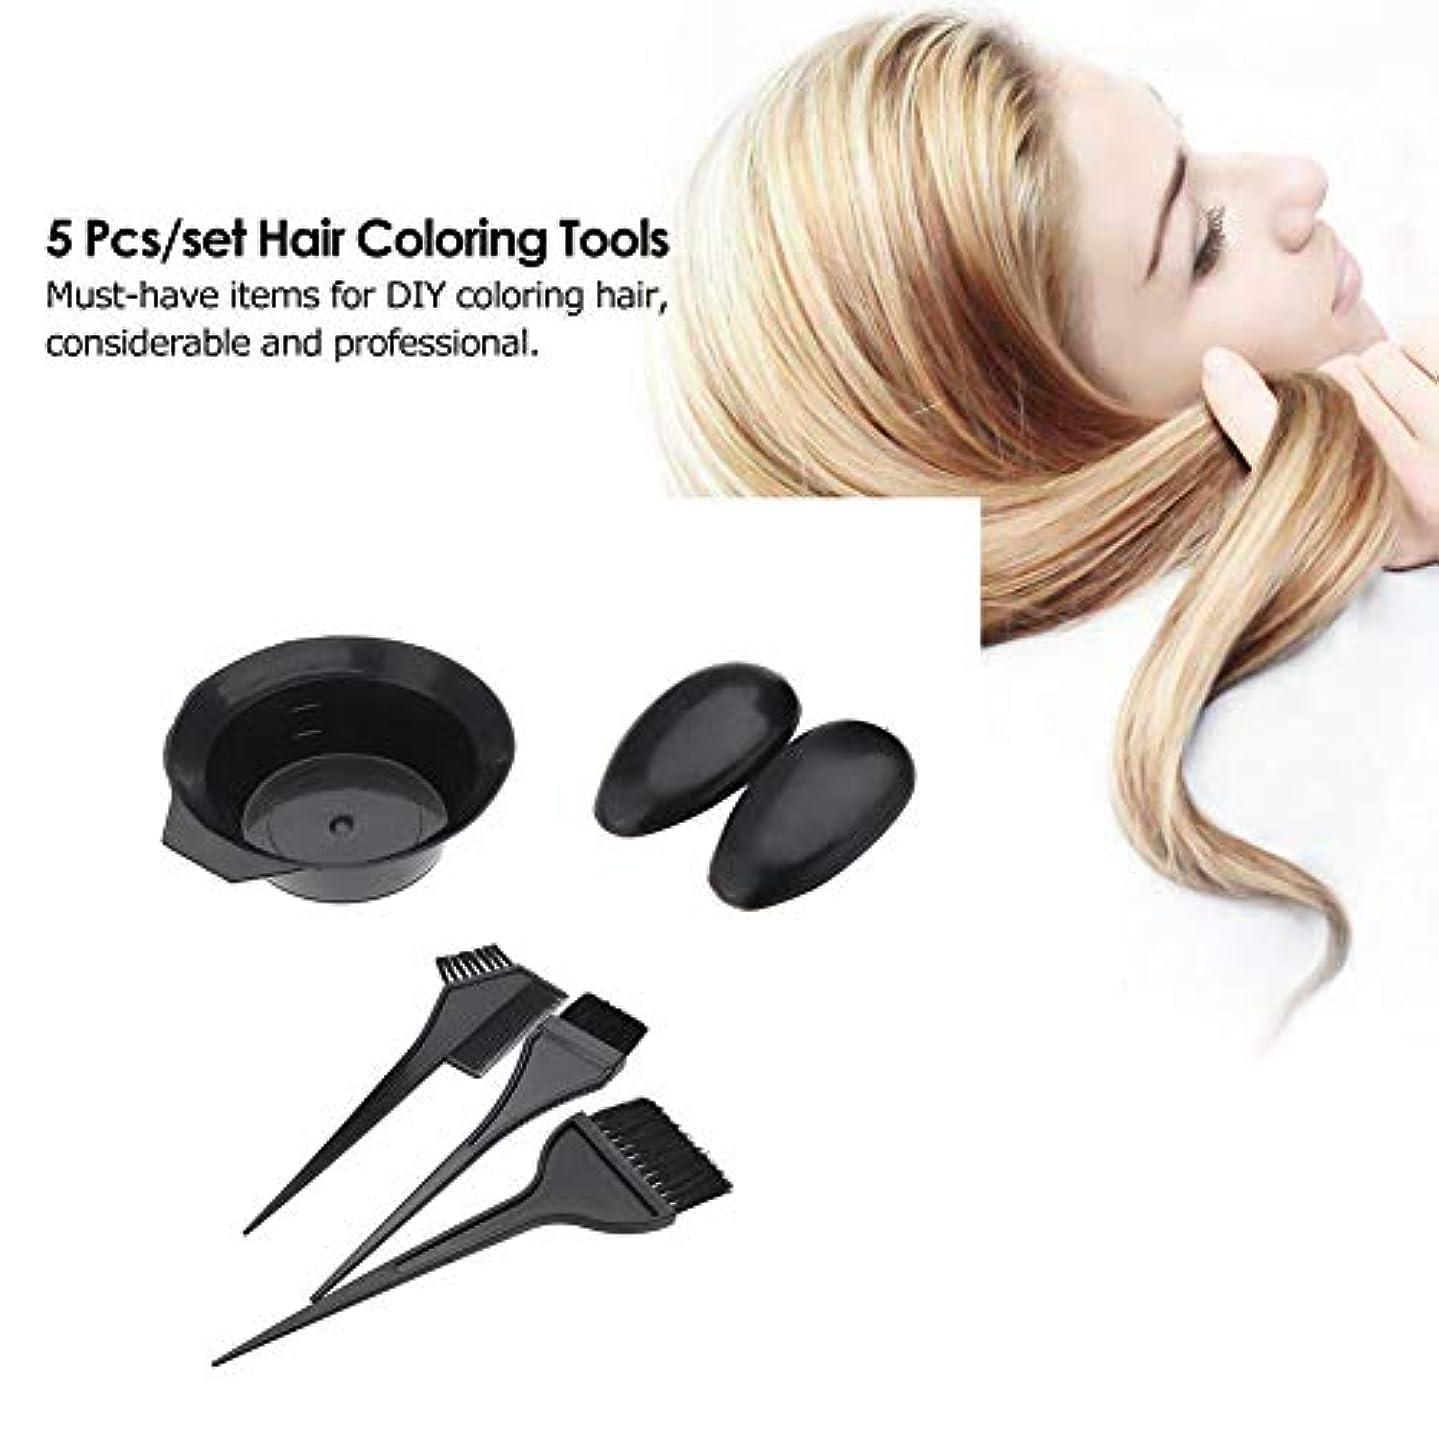 間祈りグラムヘア染色セットキット5ピース - diyプロフェッショナルヘアダイカラーミキシングボウルブラシ&くし - 黒理髪美容ツールアプリケーター色合い